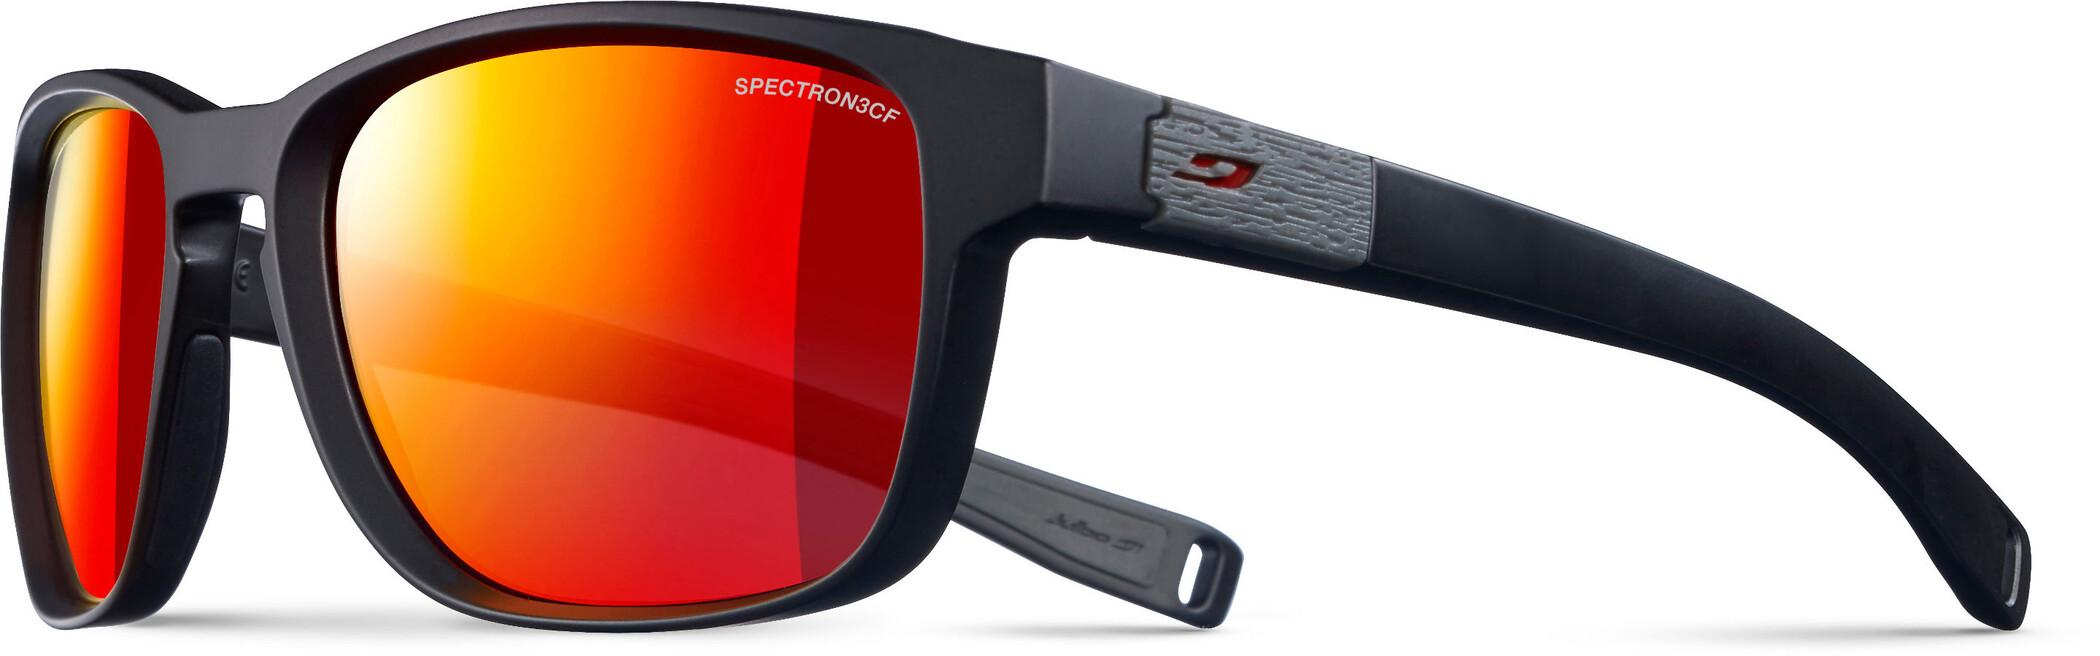 Julbo Paddle Spectron 3CF Solbriller, black/red-red | Briller